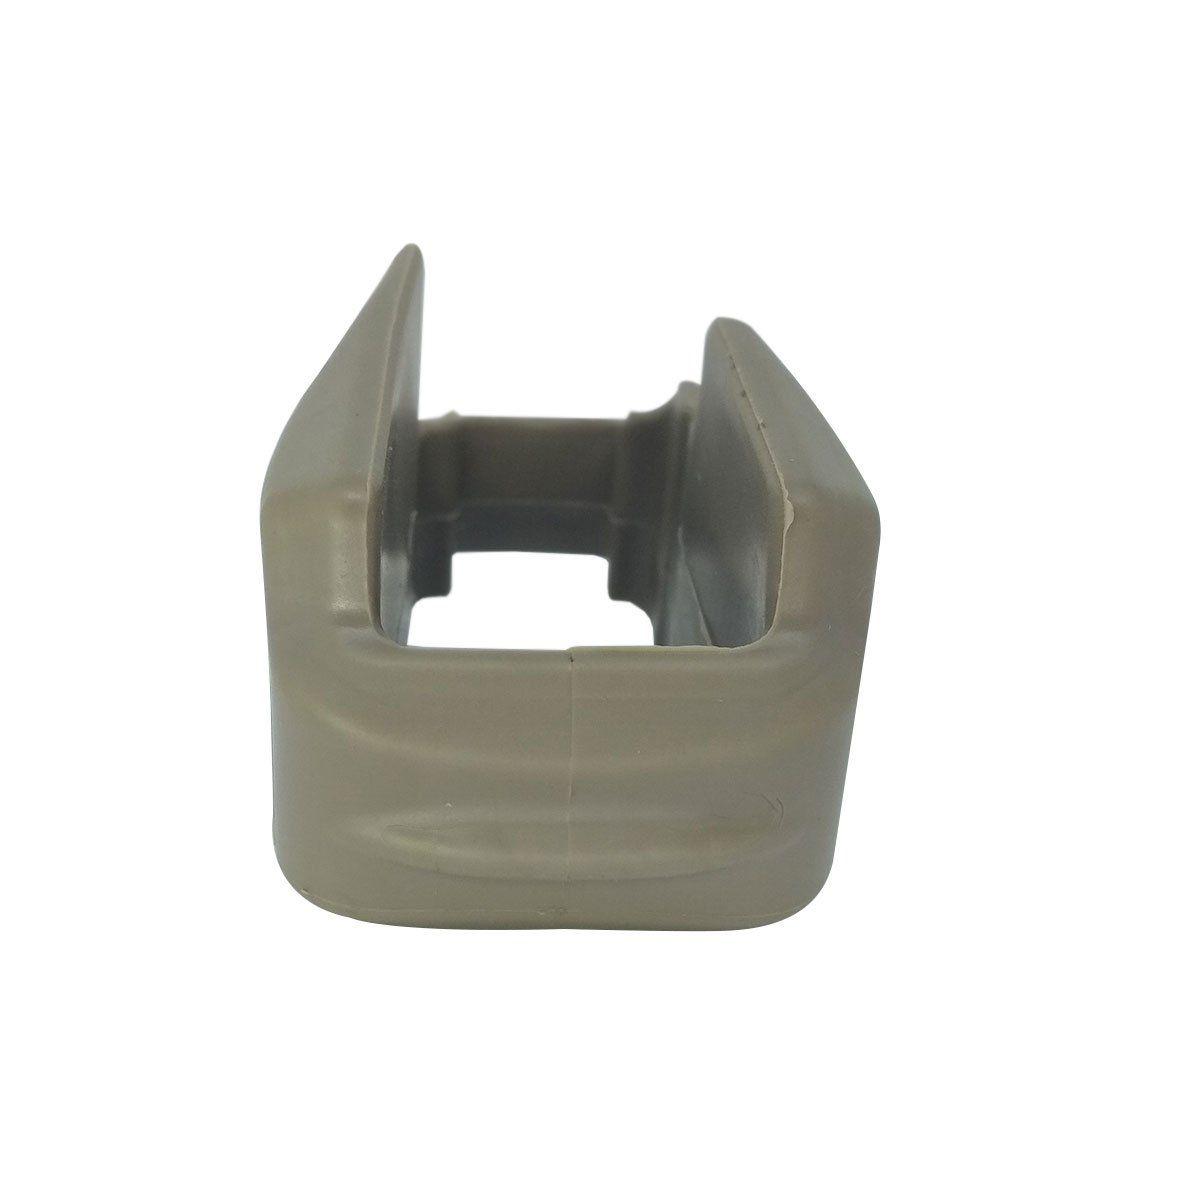 Grip Rubber FMA NQ Tac